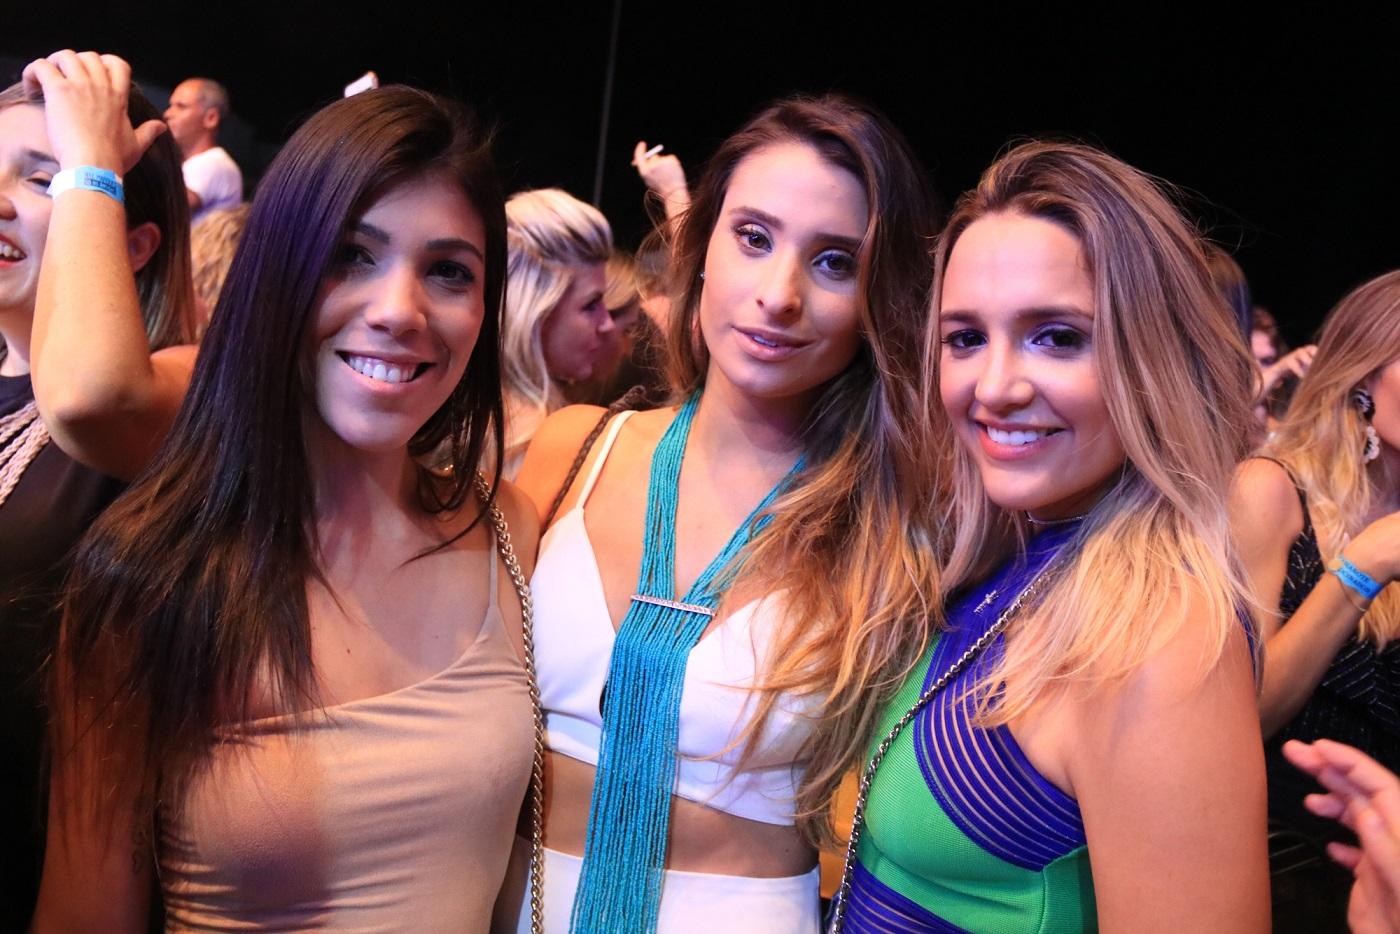 Maria Eduarda Beltrão, Juliana Markan e Kika Leite -  Crédito: Luiz Fabiano/Divulgação